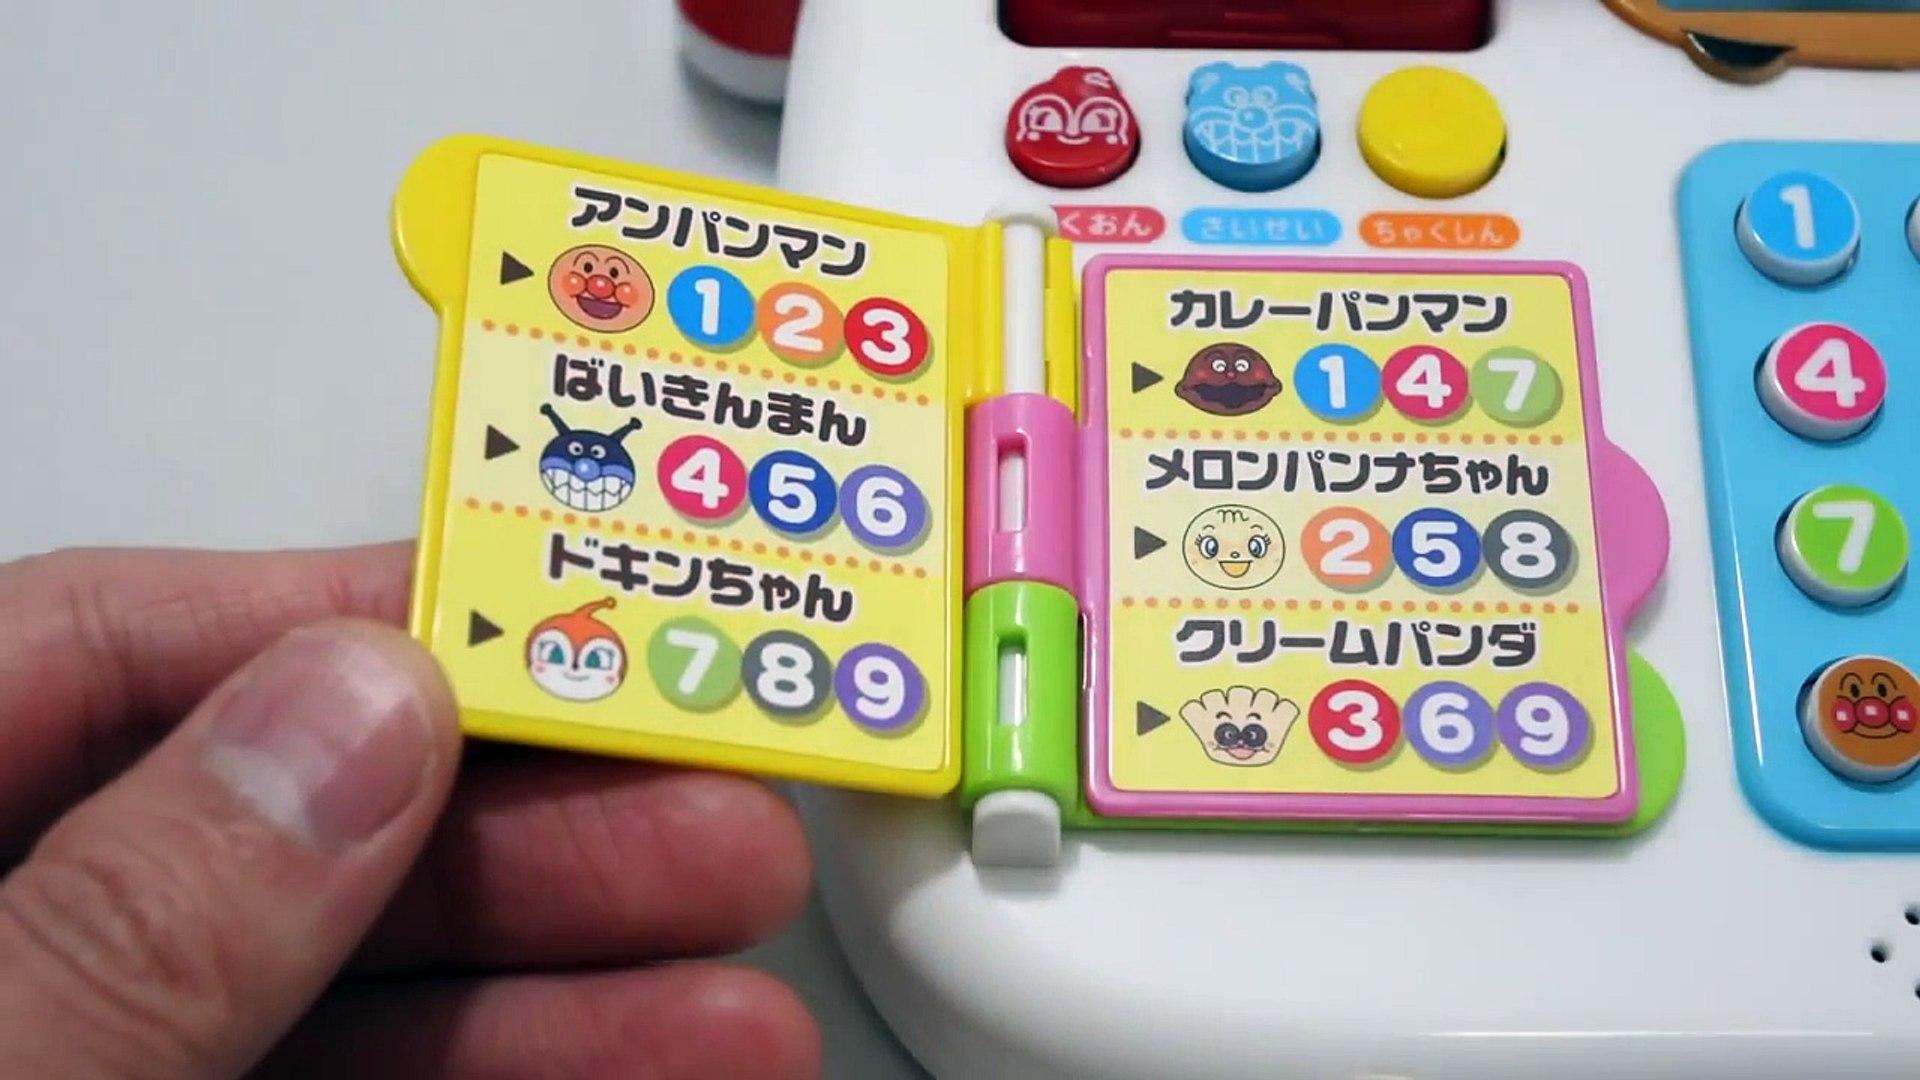 Японские игрушки. ДОМ. ТЕЛЕФОН. Japanese toys. HOUSE. PHONE. 日本的玩具。 房子。 电话